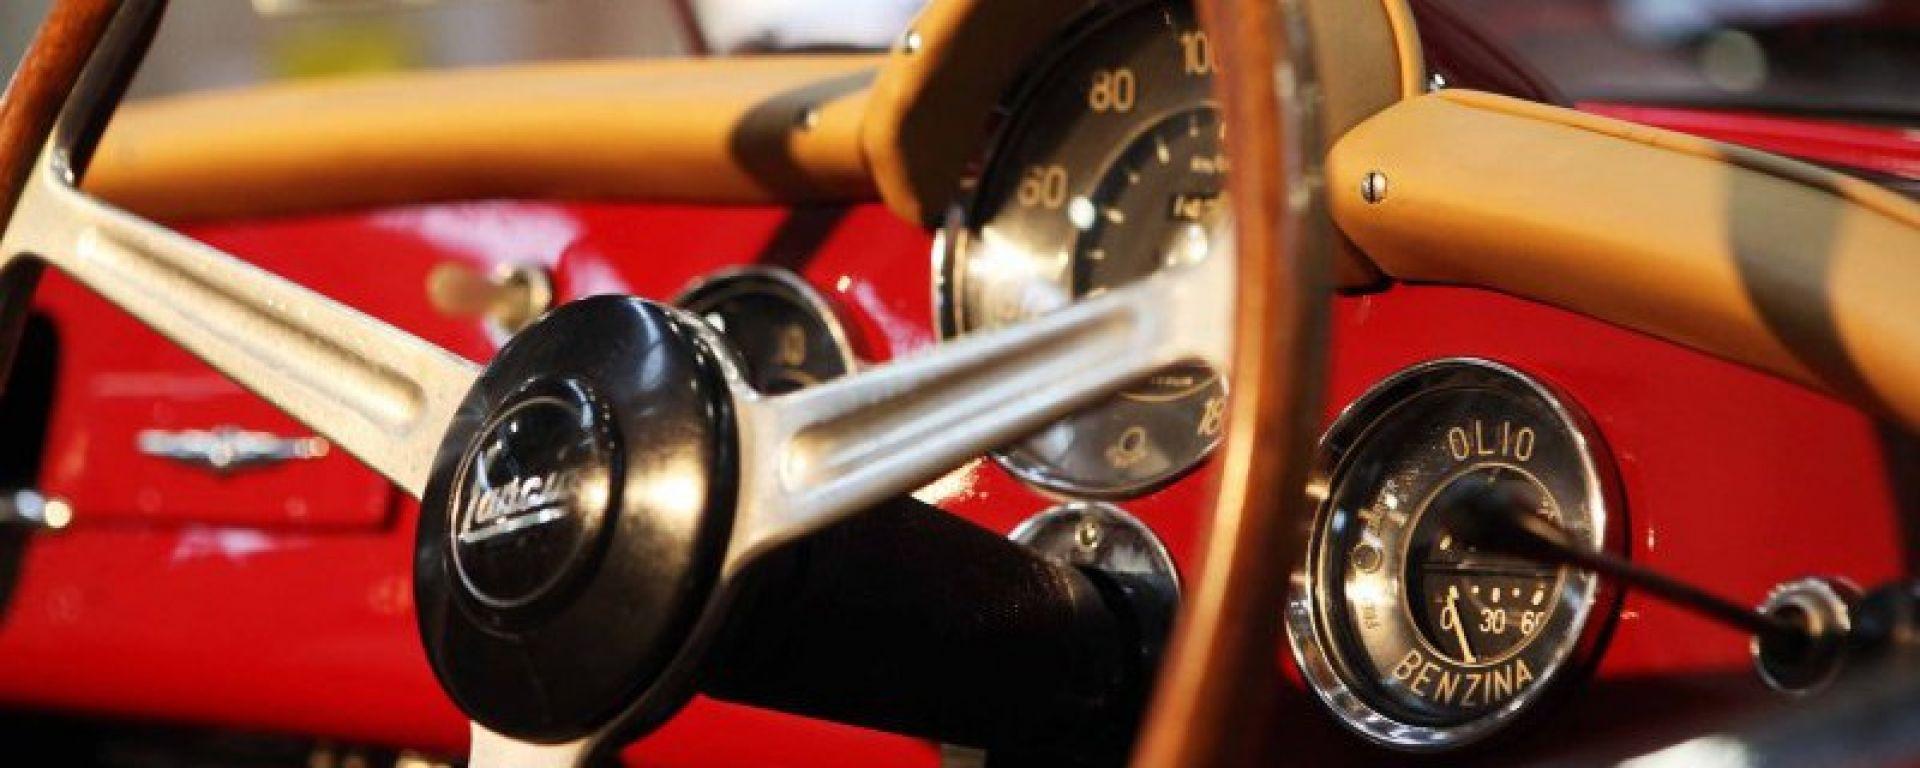 Automotoretrò 2016: tutto quel che c'è da sapere